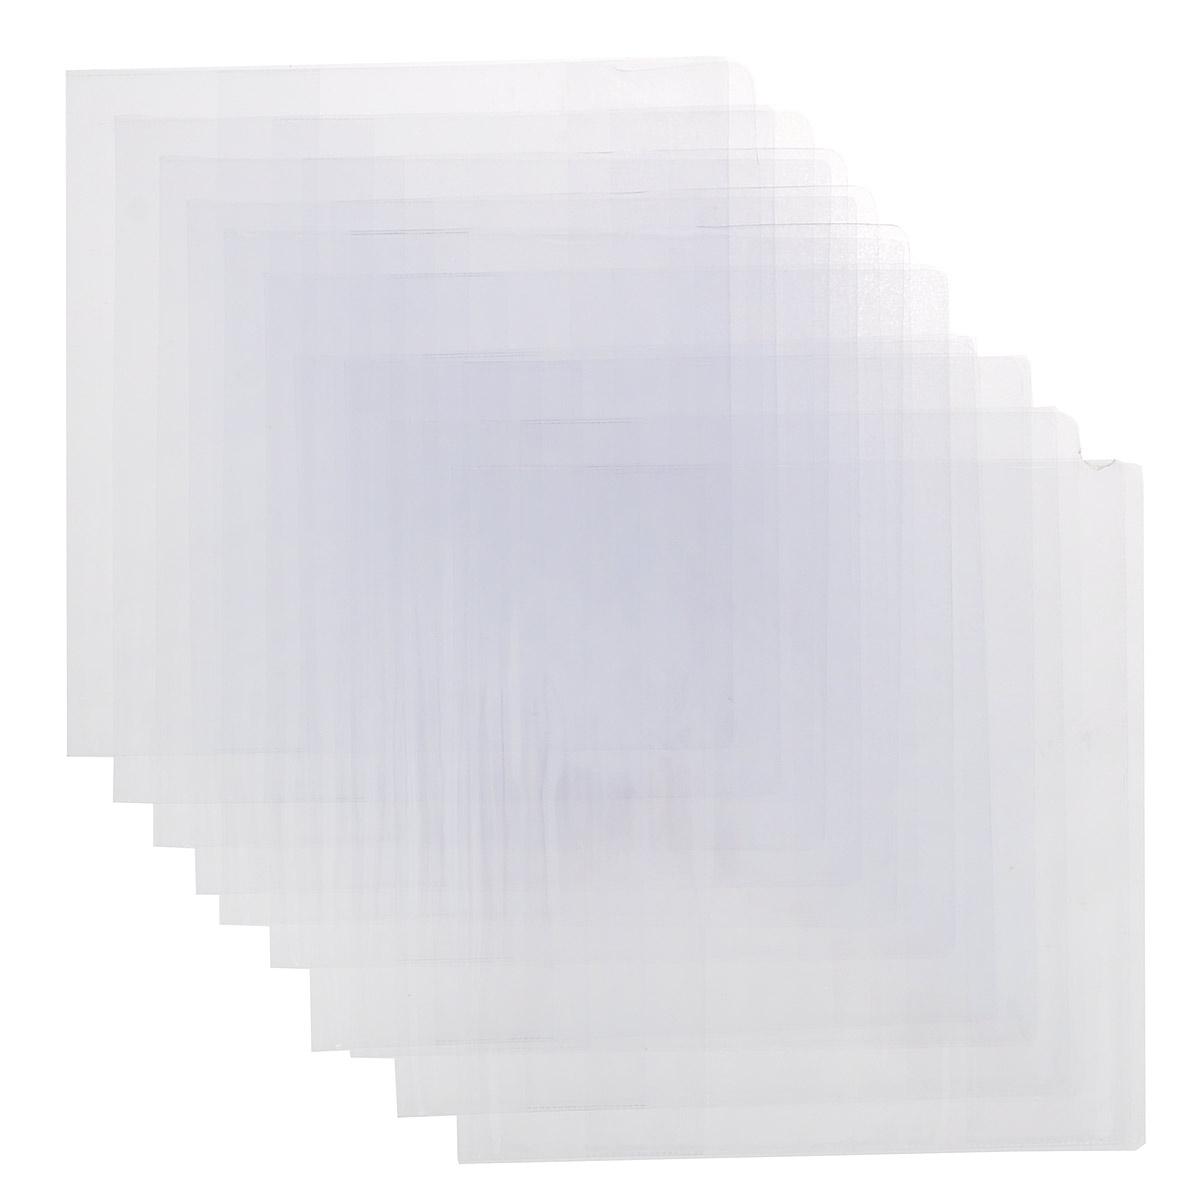 Набор обложек для учебников Брупак, цвет: прозрачный, 23 см х 46,5 см, 10 шт730396Набор цветных обложек для учебников Брупак предназначены для защиты книг от пыли, грязи и механических повреждений. Обложки с прозрачными клапанами.